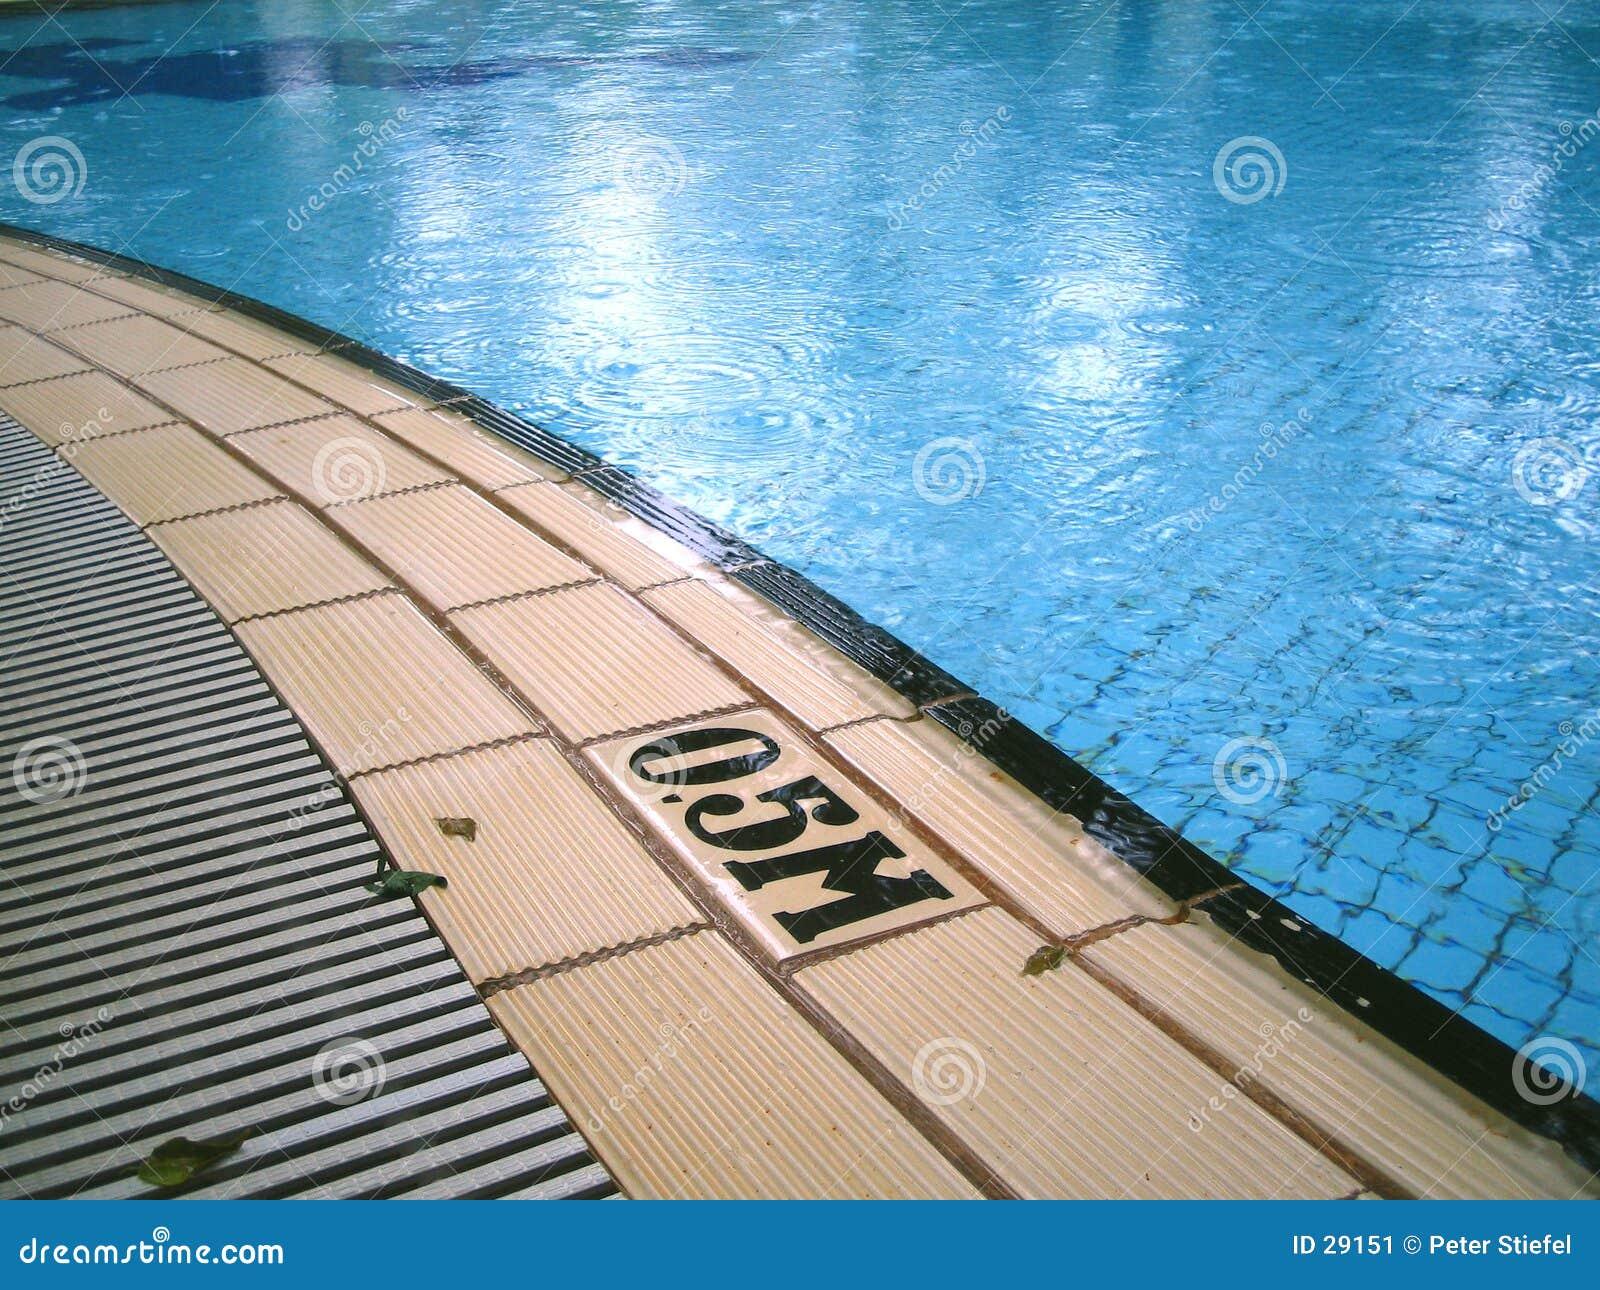 Download Dni basen deszcz obraz stock. Obraz złożonej z dzień, poolside - 29151